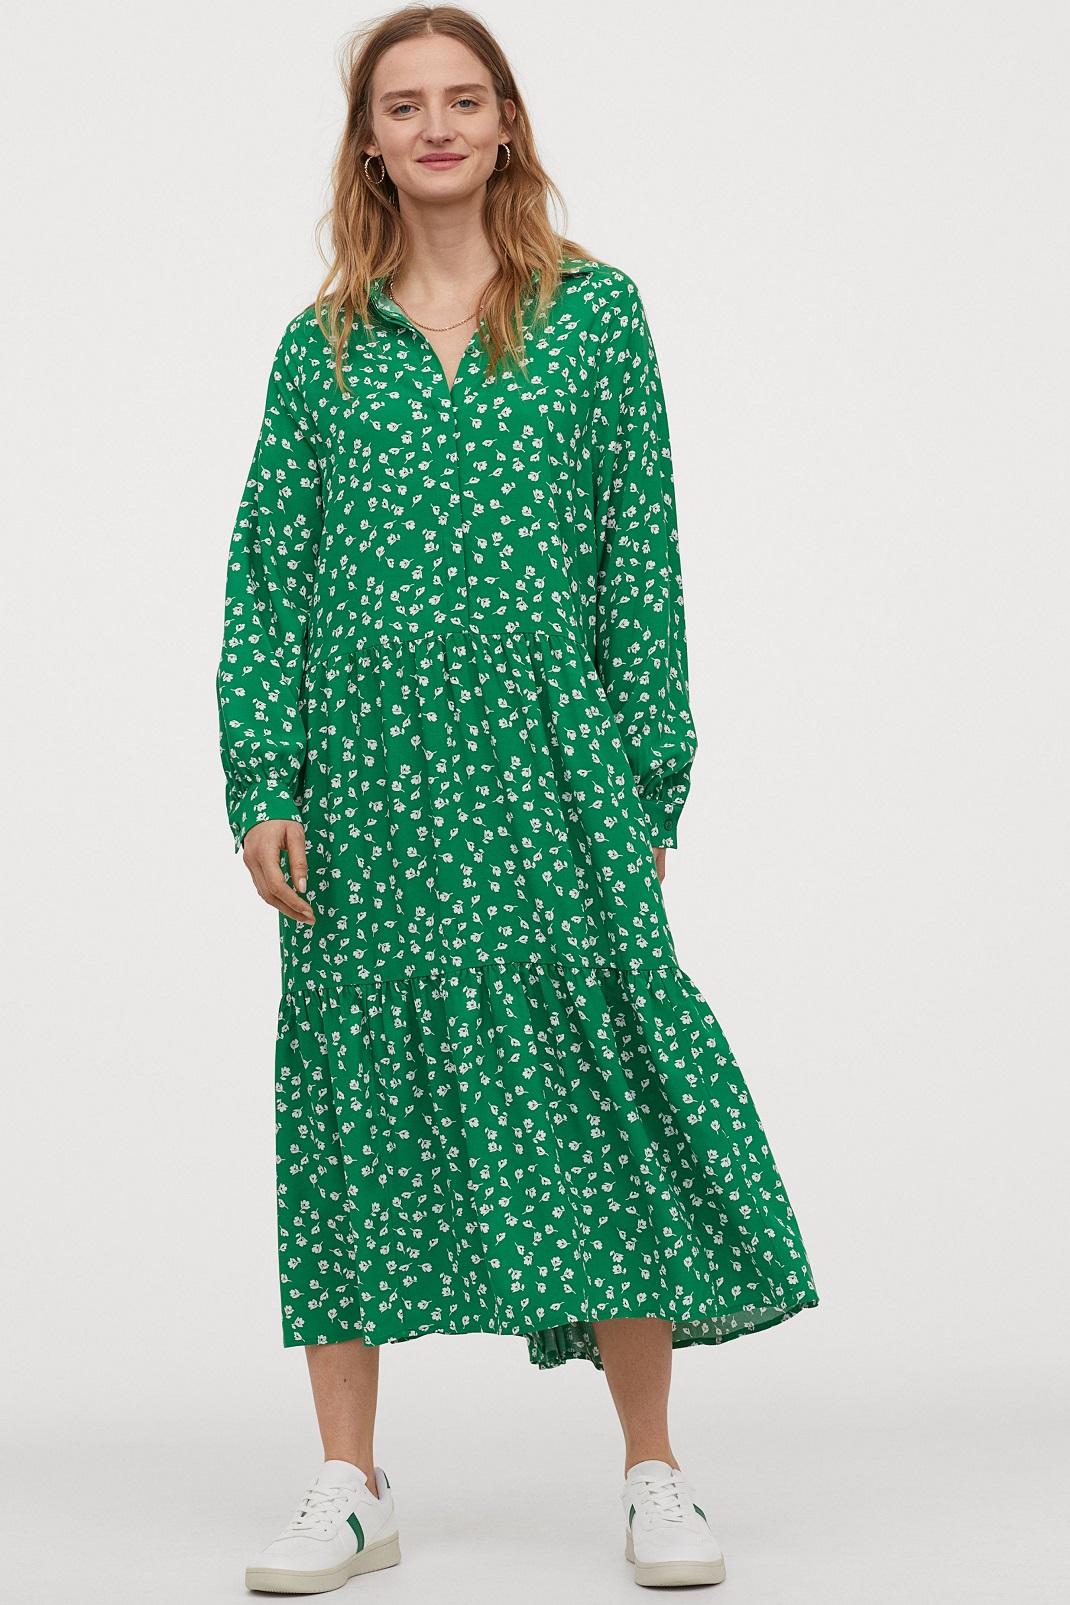 Άνετο και στιλάτο: Το φλοράλ φόρεμα της Παπουτσάκη είναι H&M και κοστίζει 20 ευρώ!